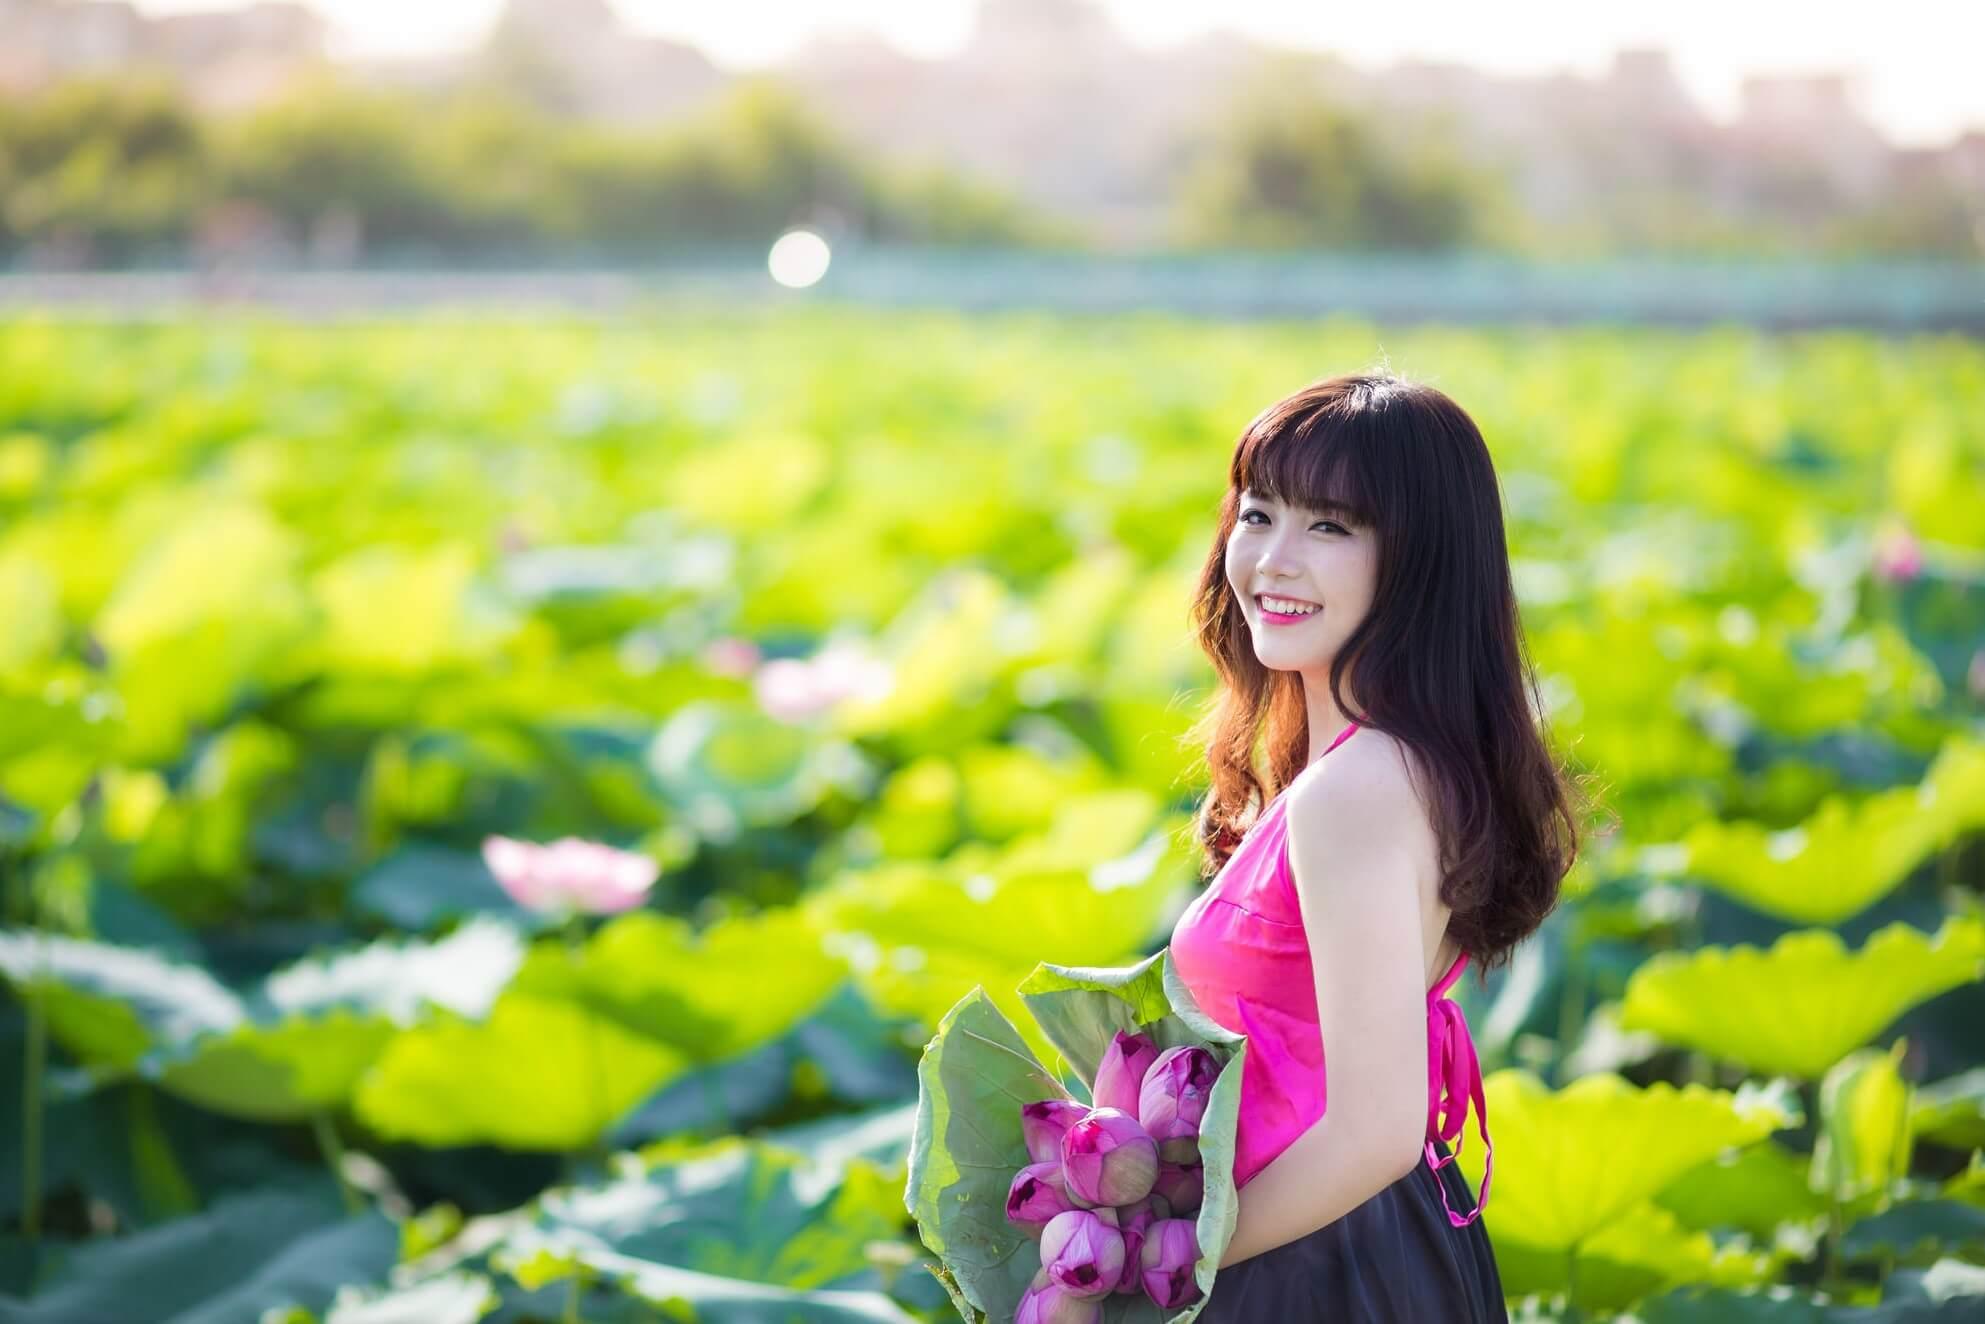 Studio chụp ảnh chân dung đẹp ở Hà Nội